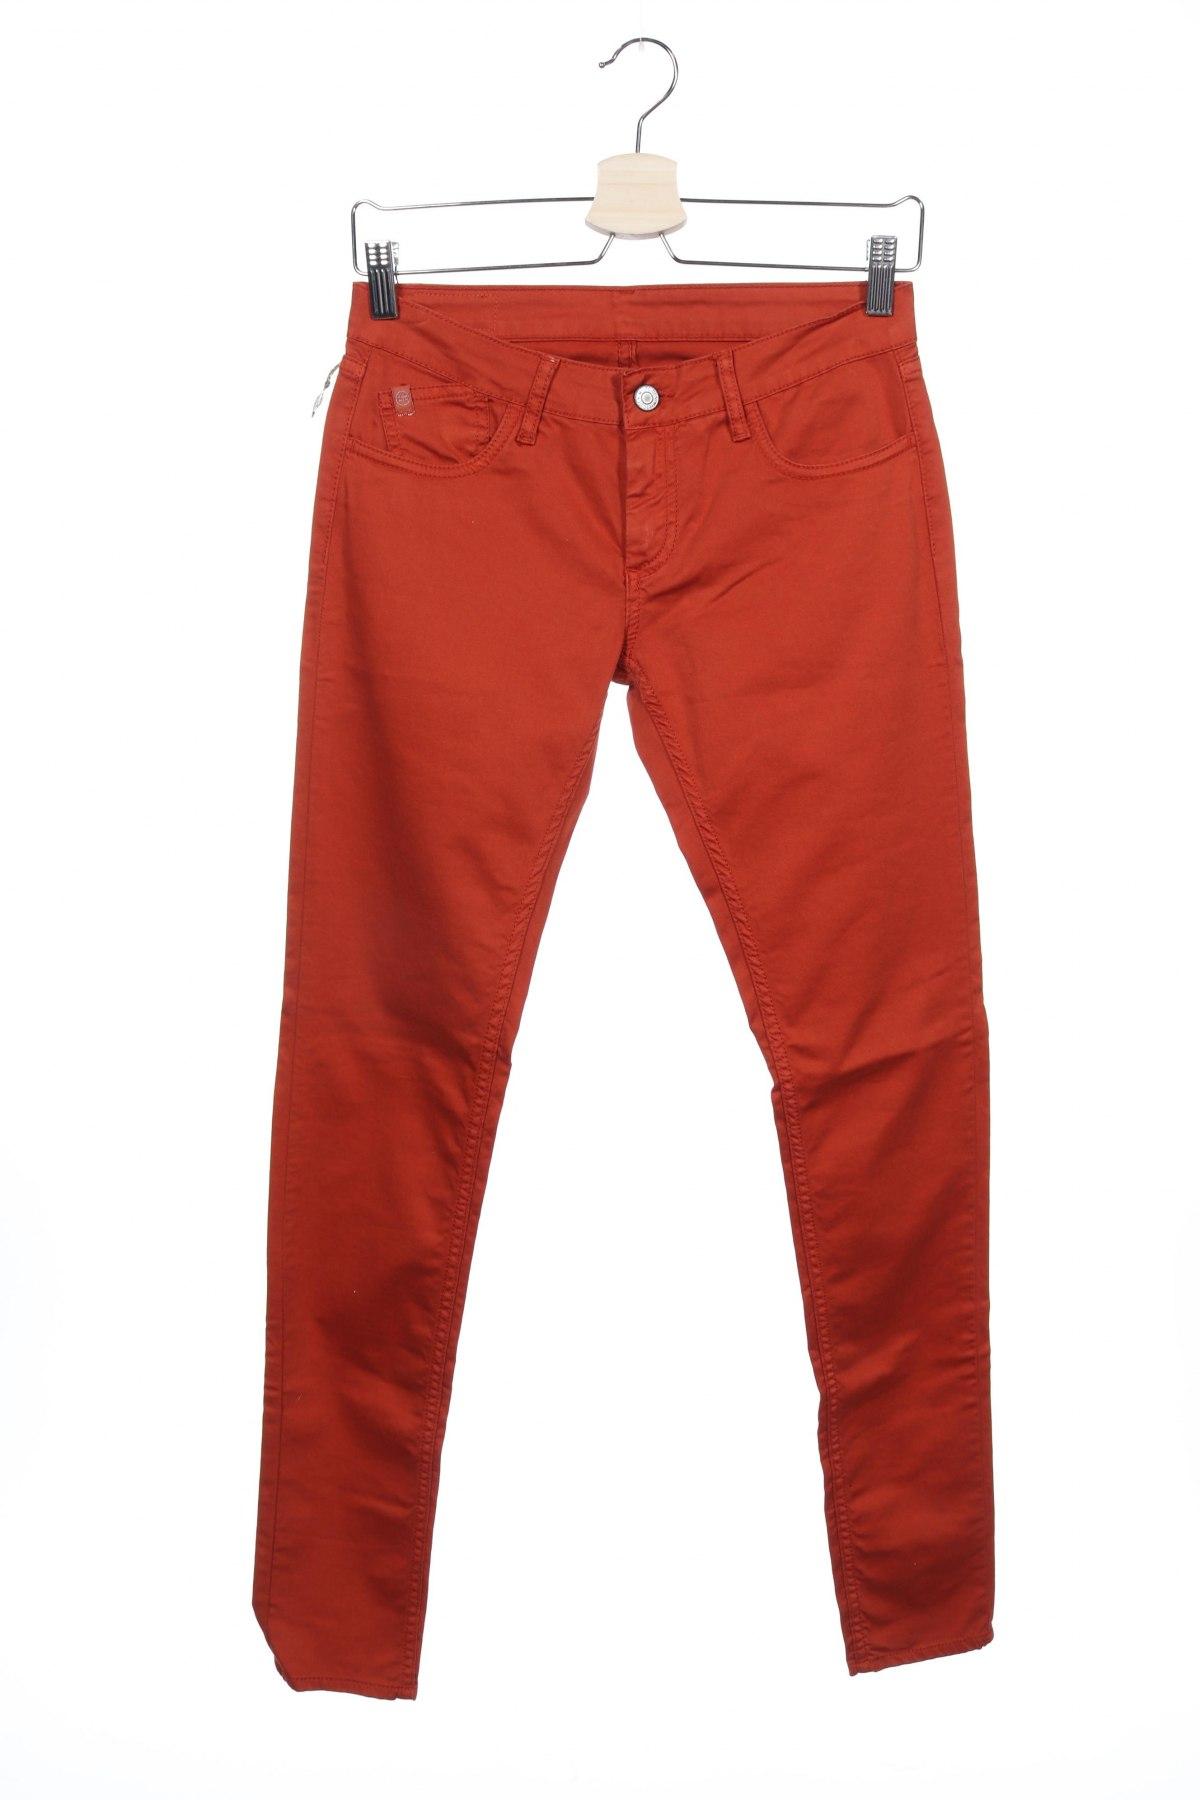 Дамски панталон Le Temps Des Cerises, Размер S, Цвят Оранжев, Памук, еластан, Цена 18,36лв.